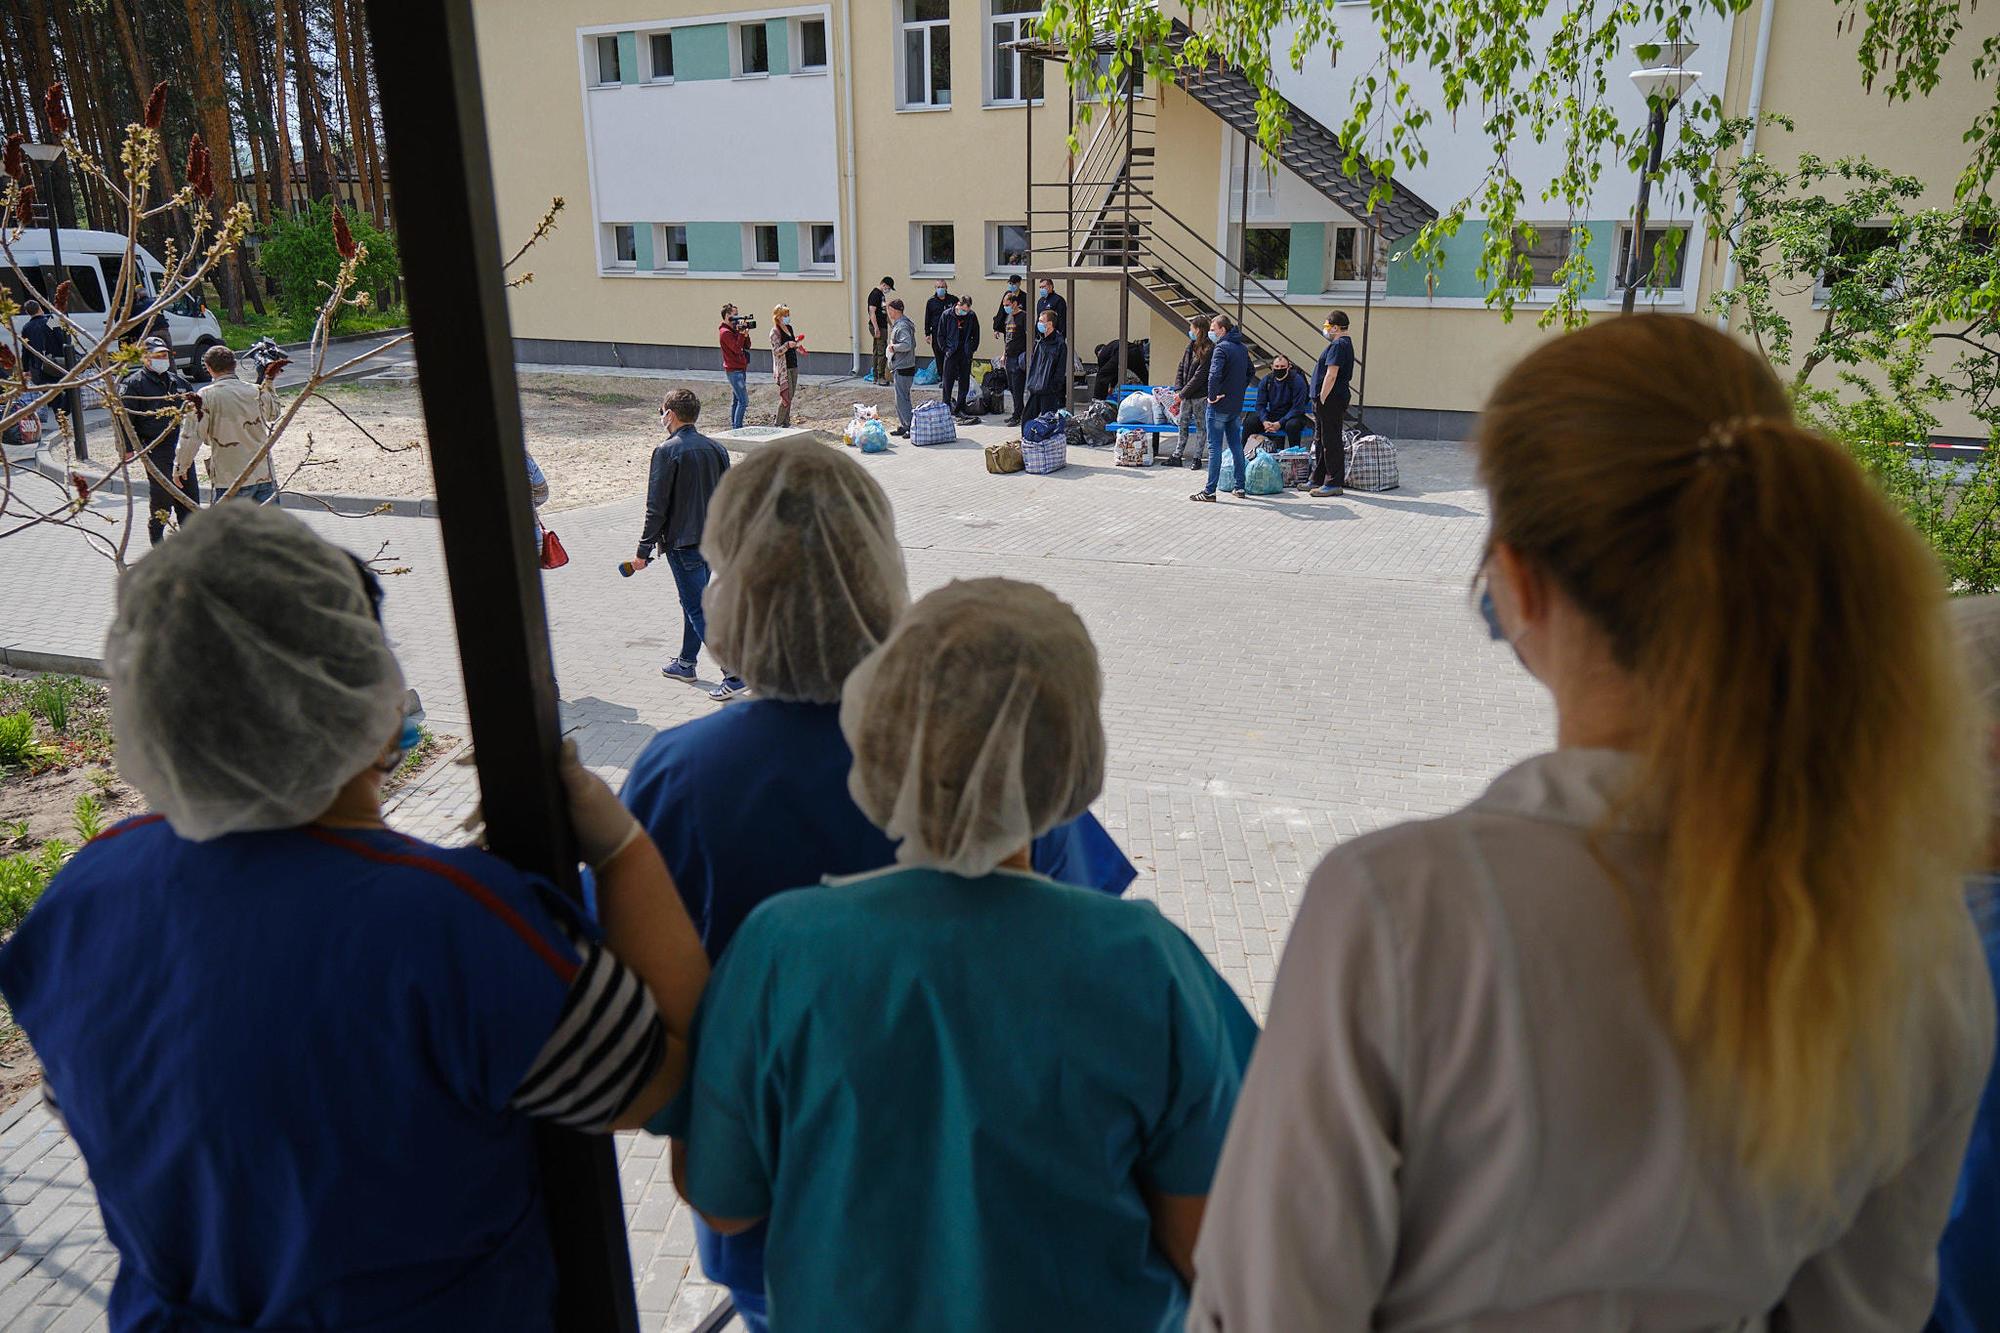 Экс-пленные украинцы, которые проходили обсервацию в Святогорске, встретились с родными